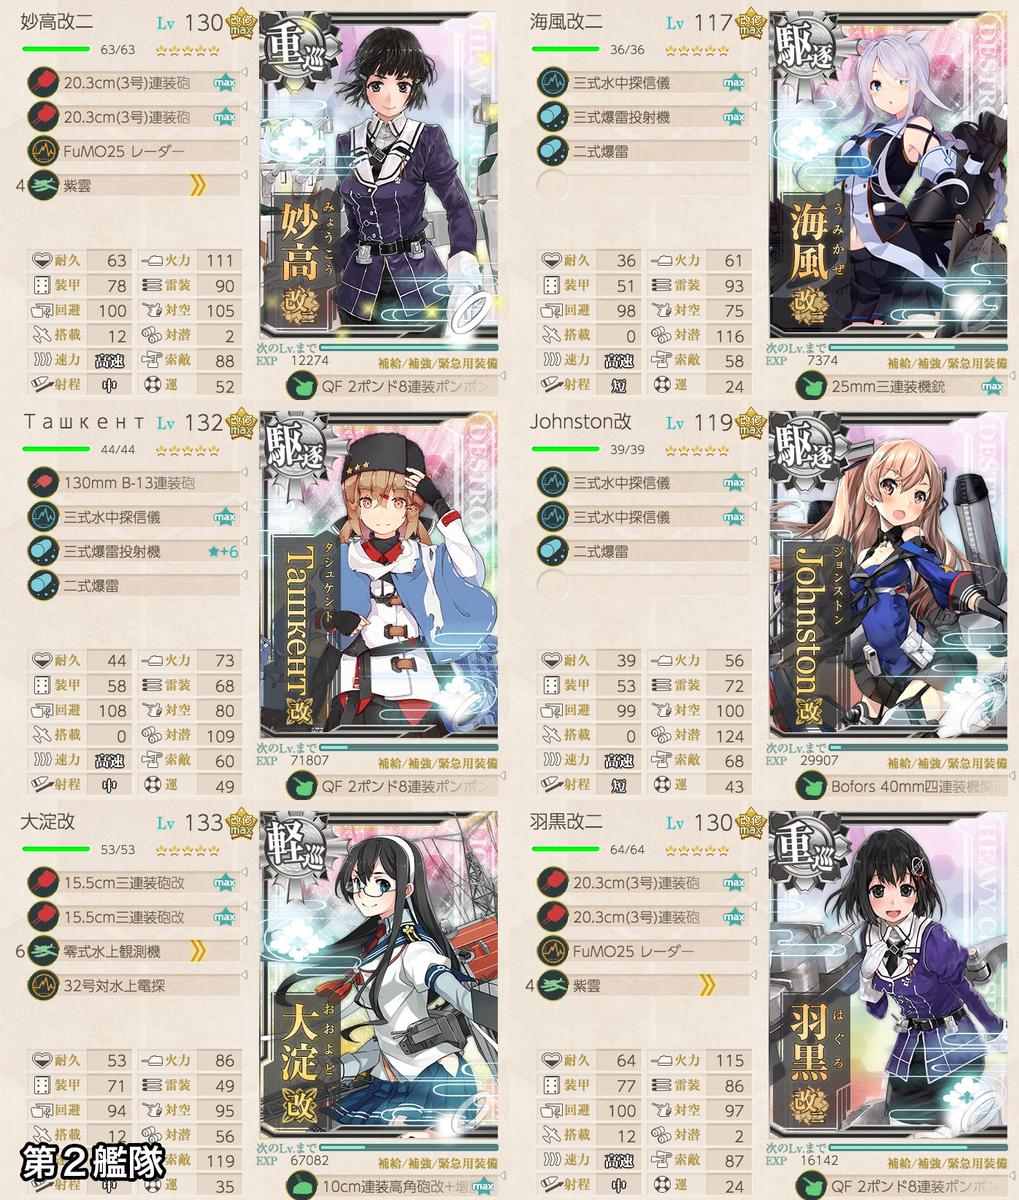 f:id:nameless_admiral:20200730183104j:plain